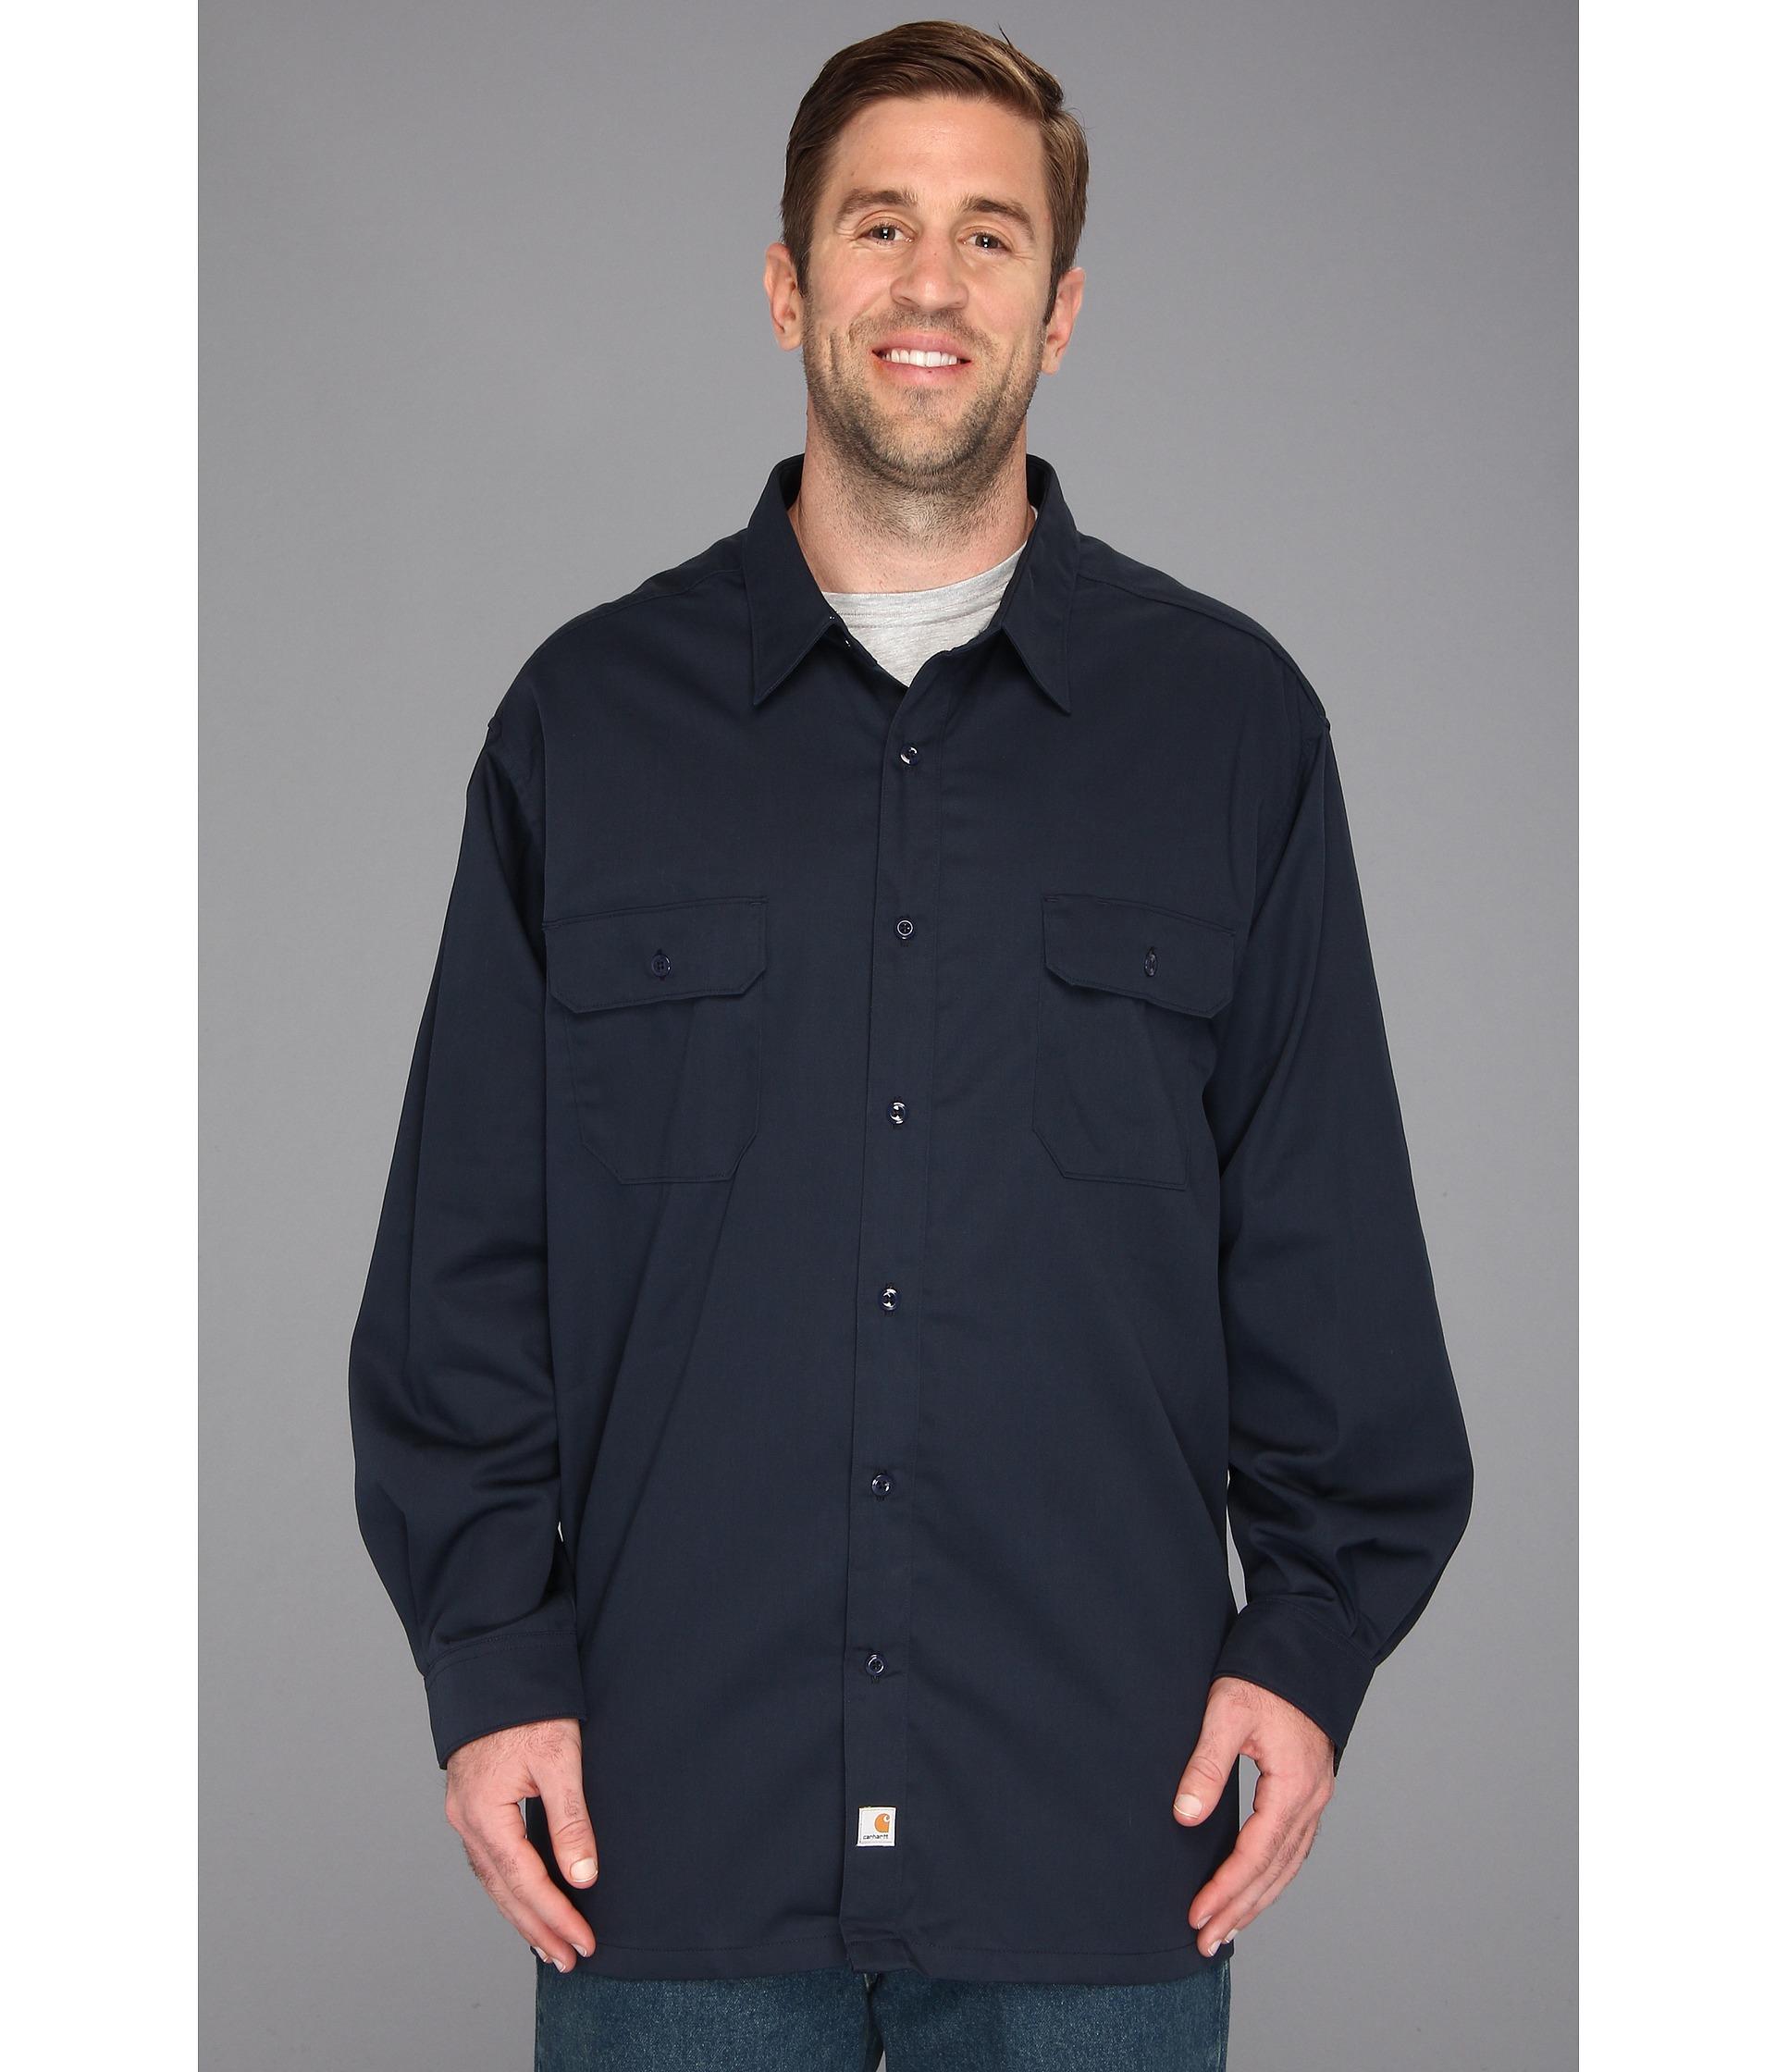 Carhartt big tall twill l s work shirt in blue for men for Carhartt work shirts tall